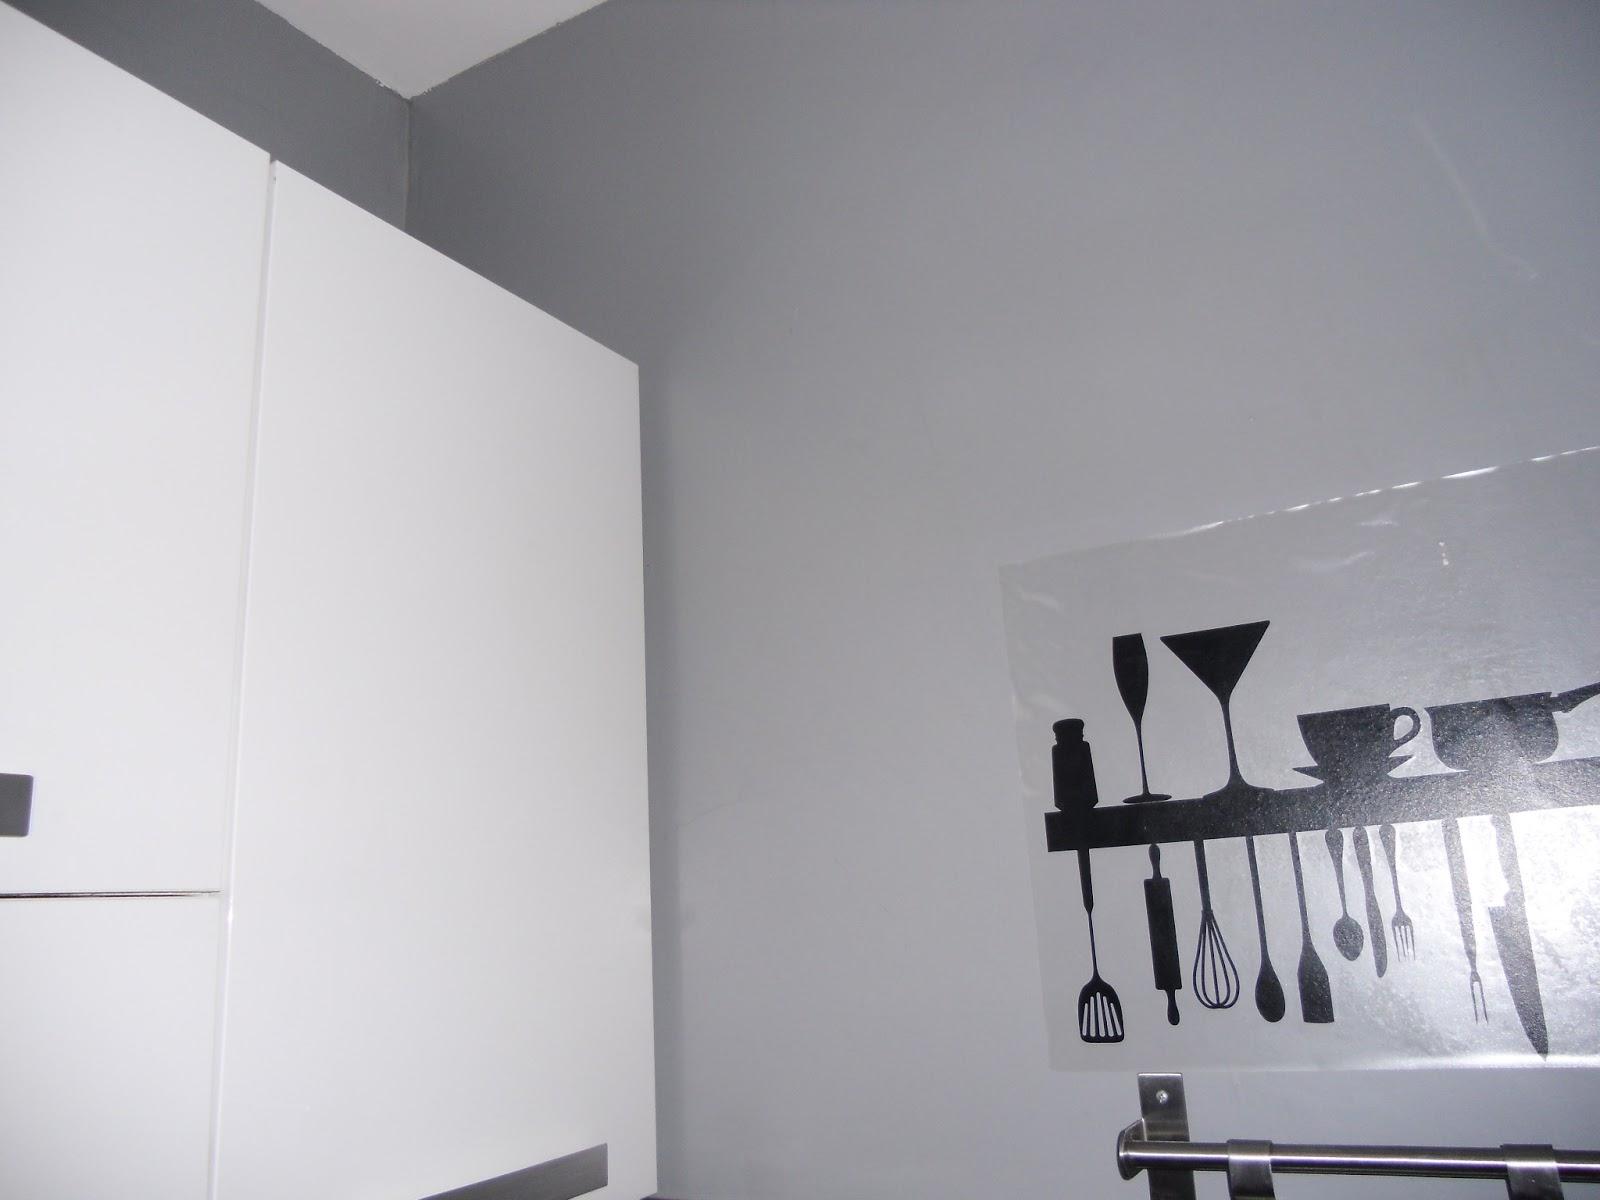 abbastanza Decorare le pareti: carta da parati e wall stickers HL89